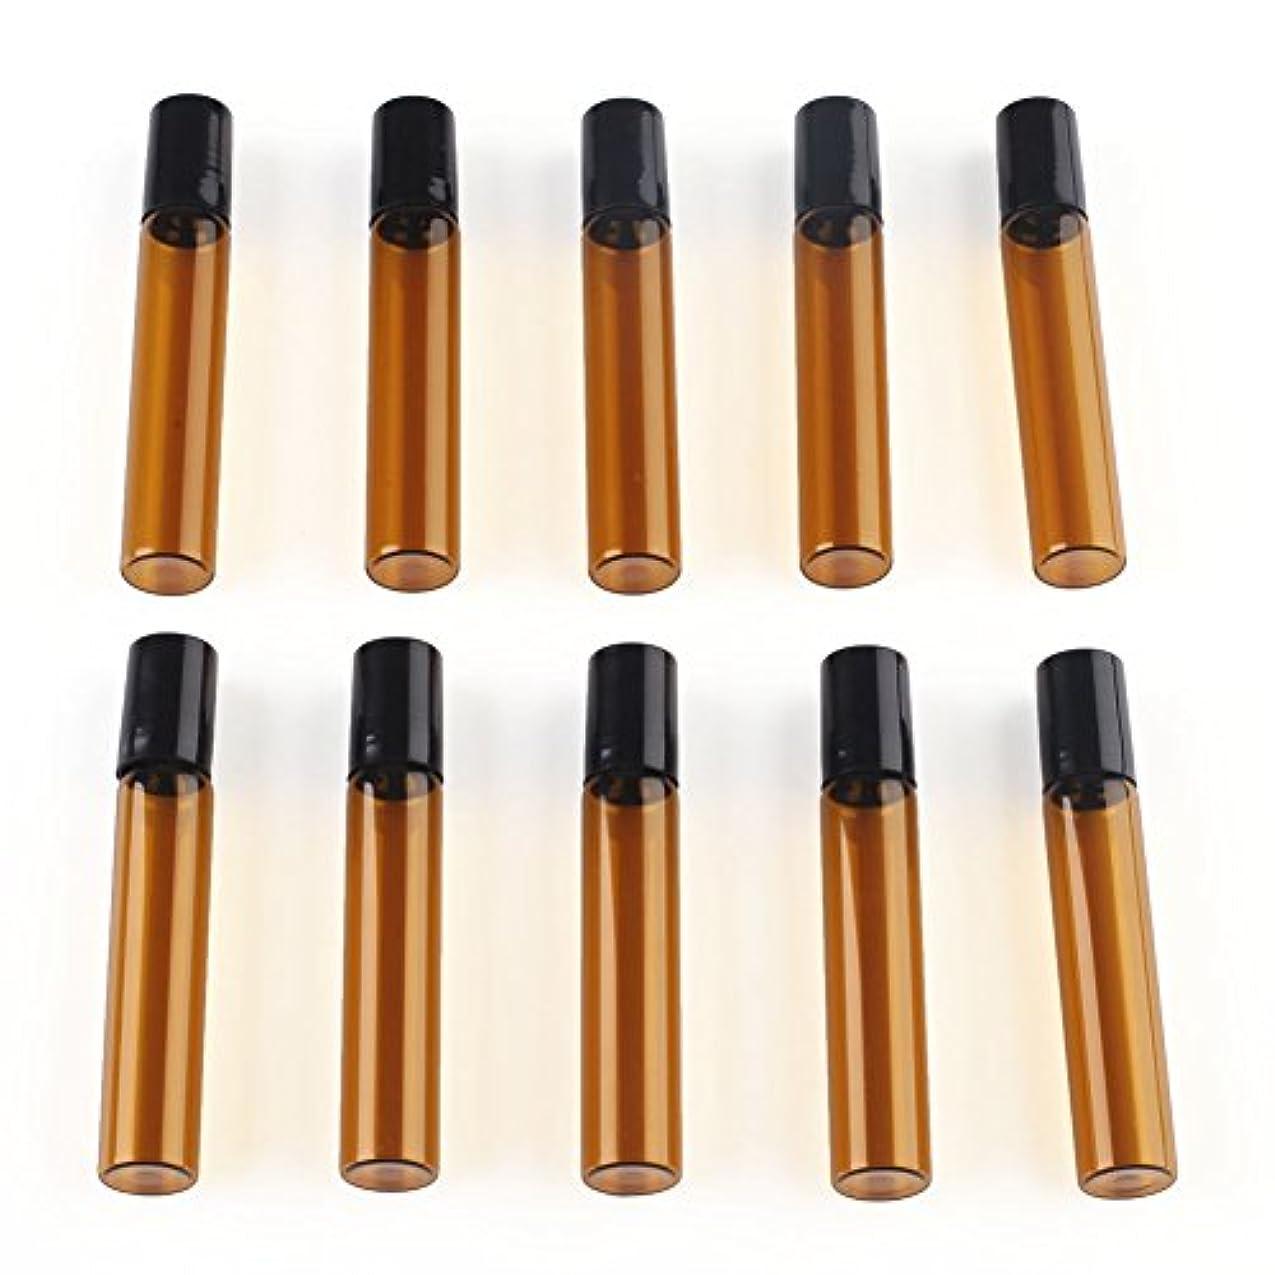 閃光厳しい口径SAGULU アロマオイル 精油 小分け用 遮光瓶 遮光ビン ミニガラスアロマボトル エッセンシャルオイル用容器 スチールボールタイプ 5ml、10ml選択可能 アンバー 10本セット (10ml)